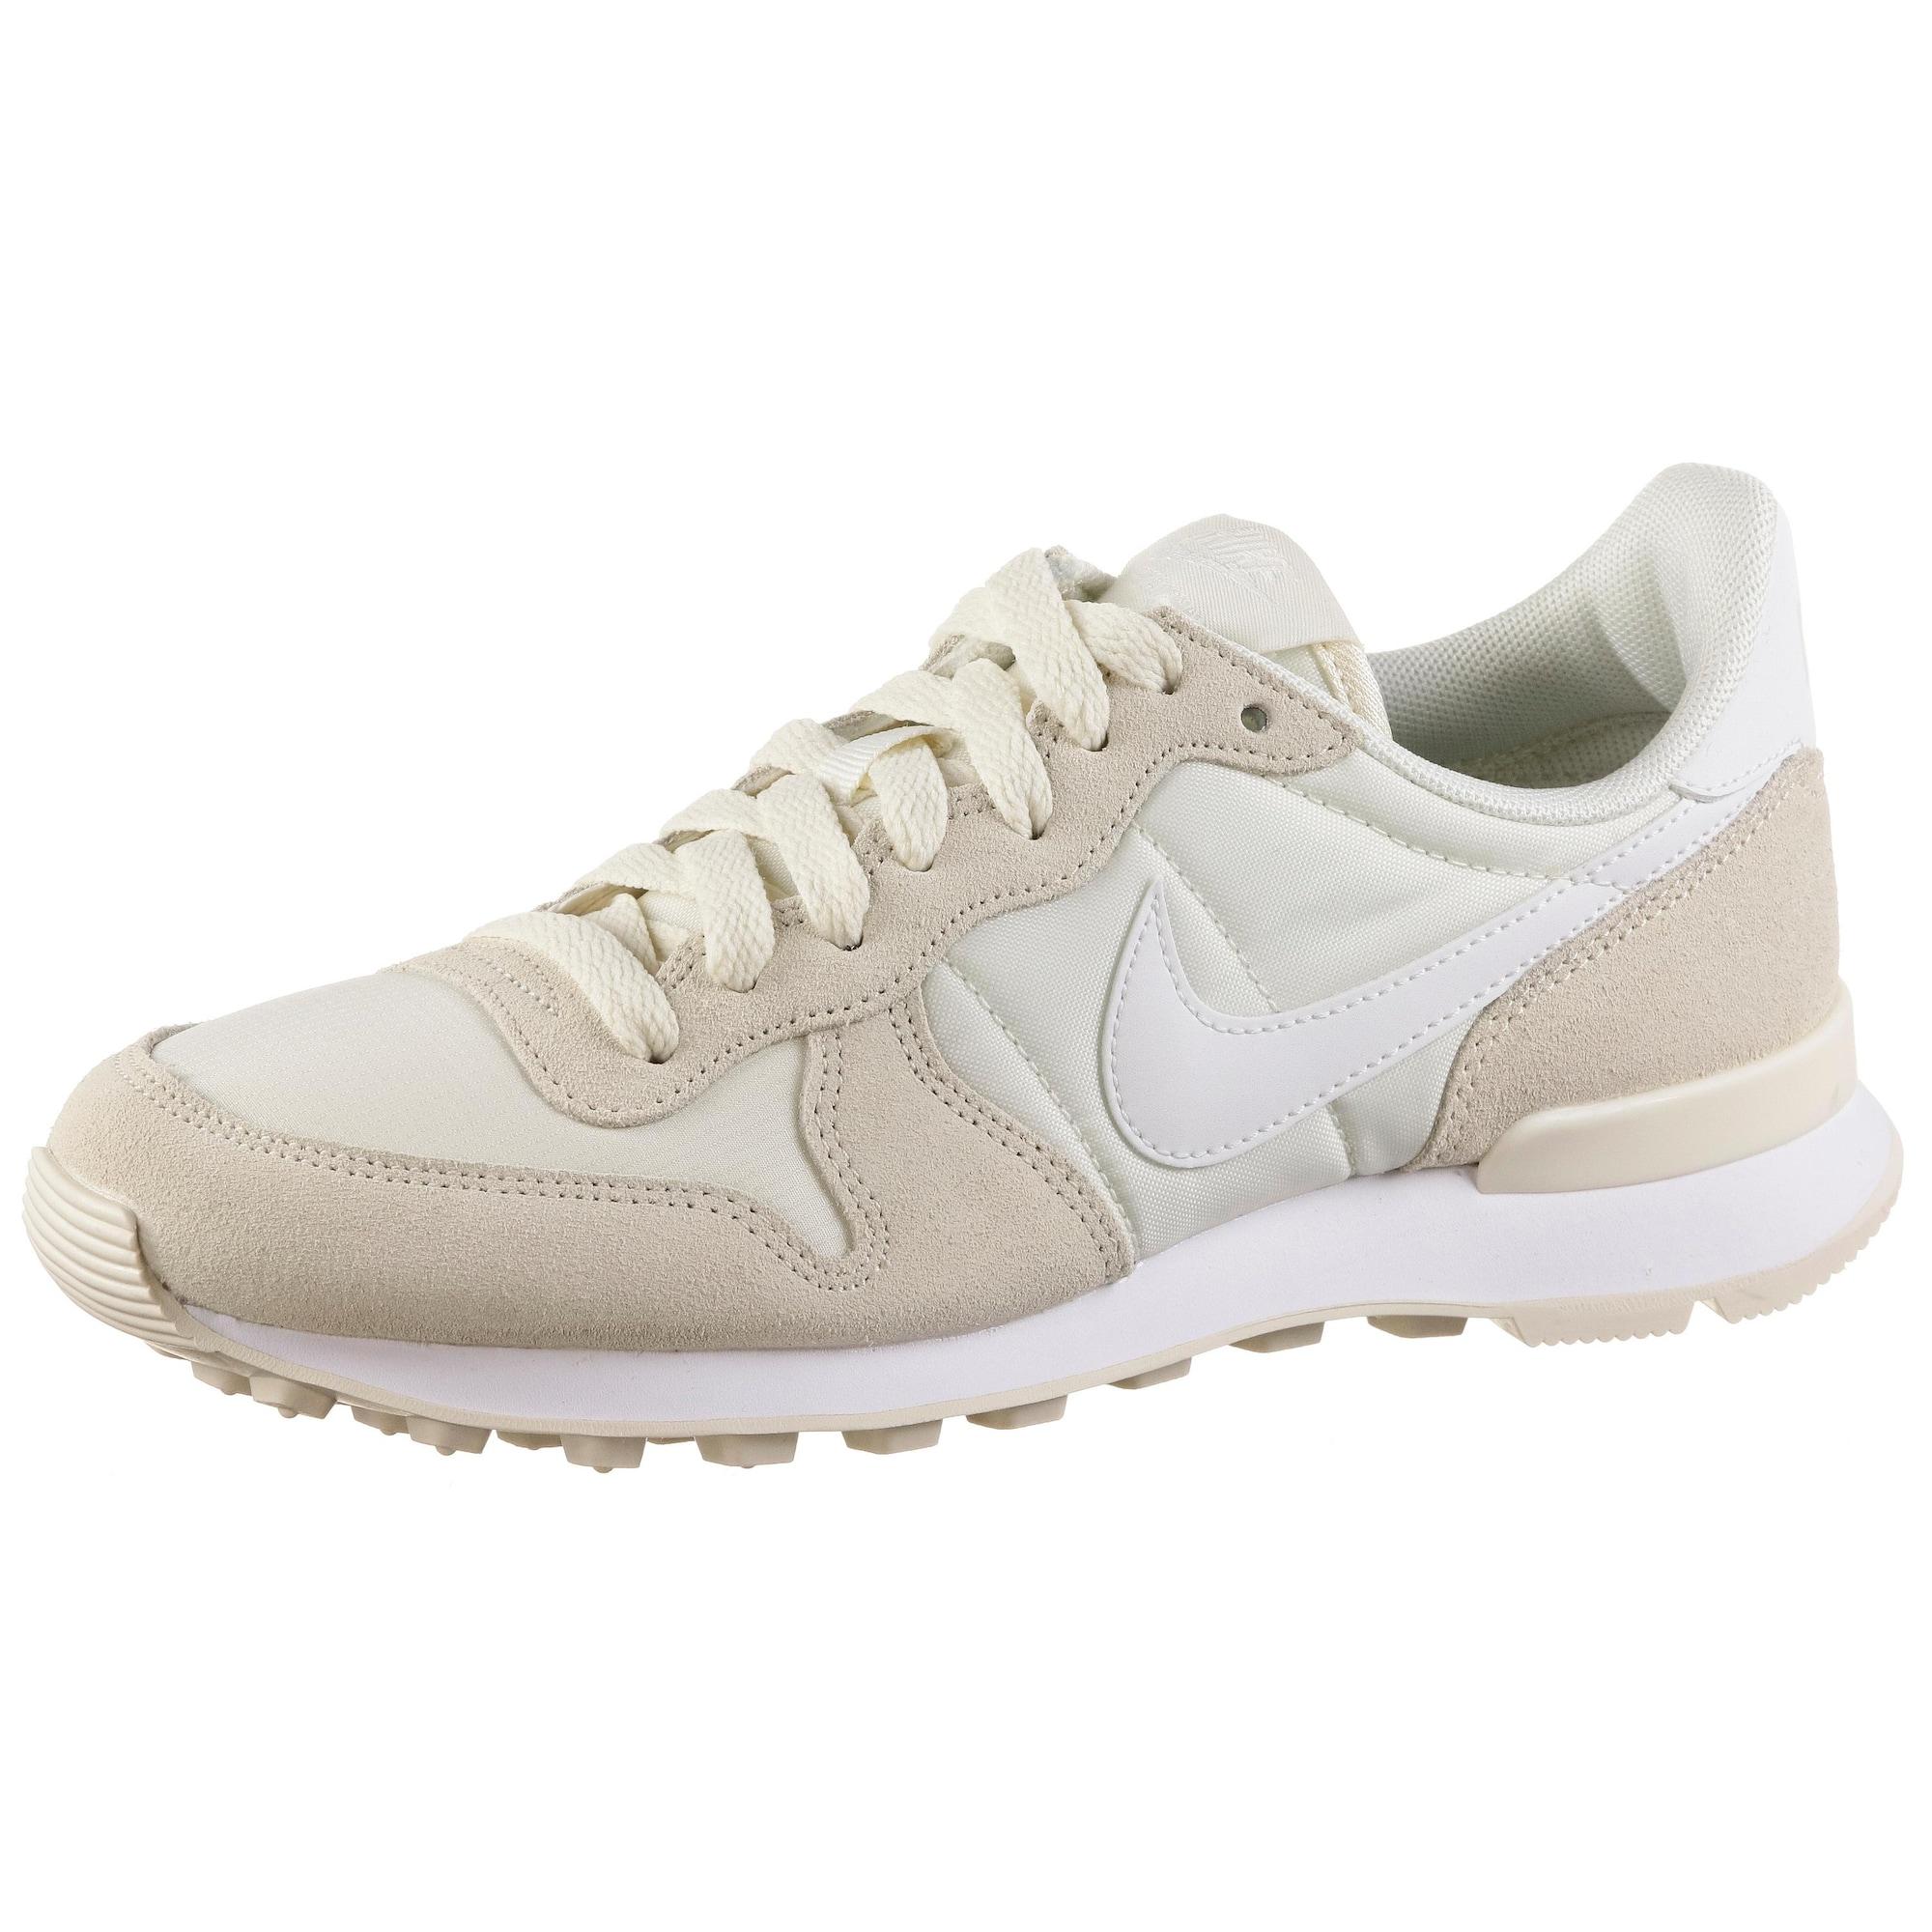 Nike Sportswear, Dames Sneakers laag 'Internationalist', beige / wit